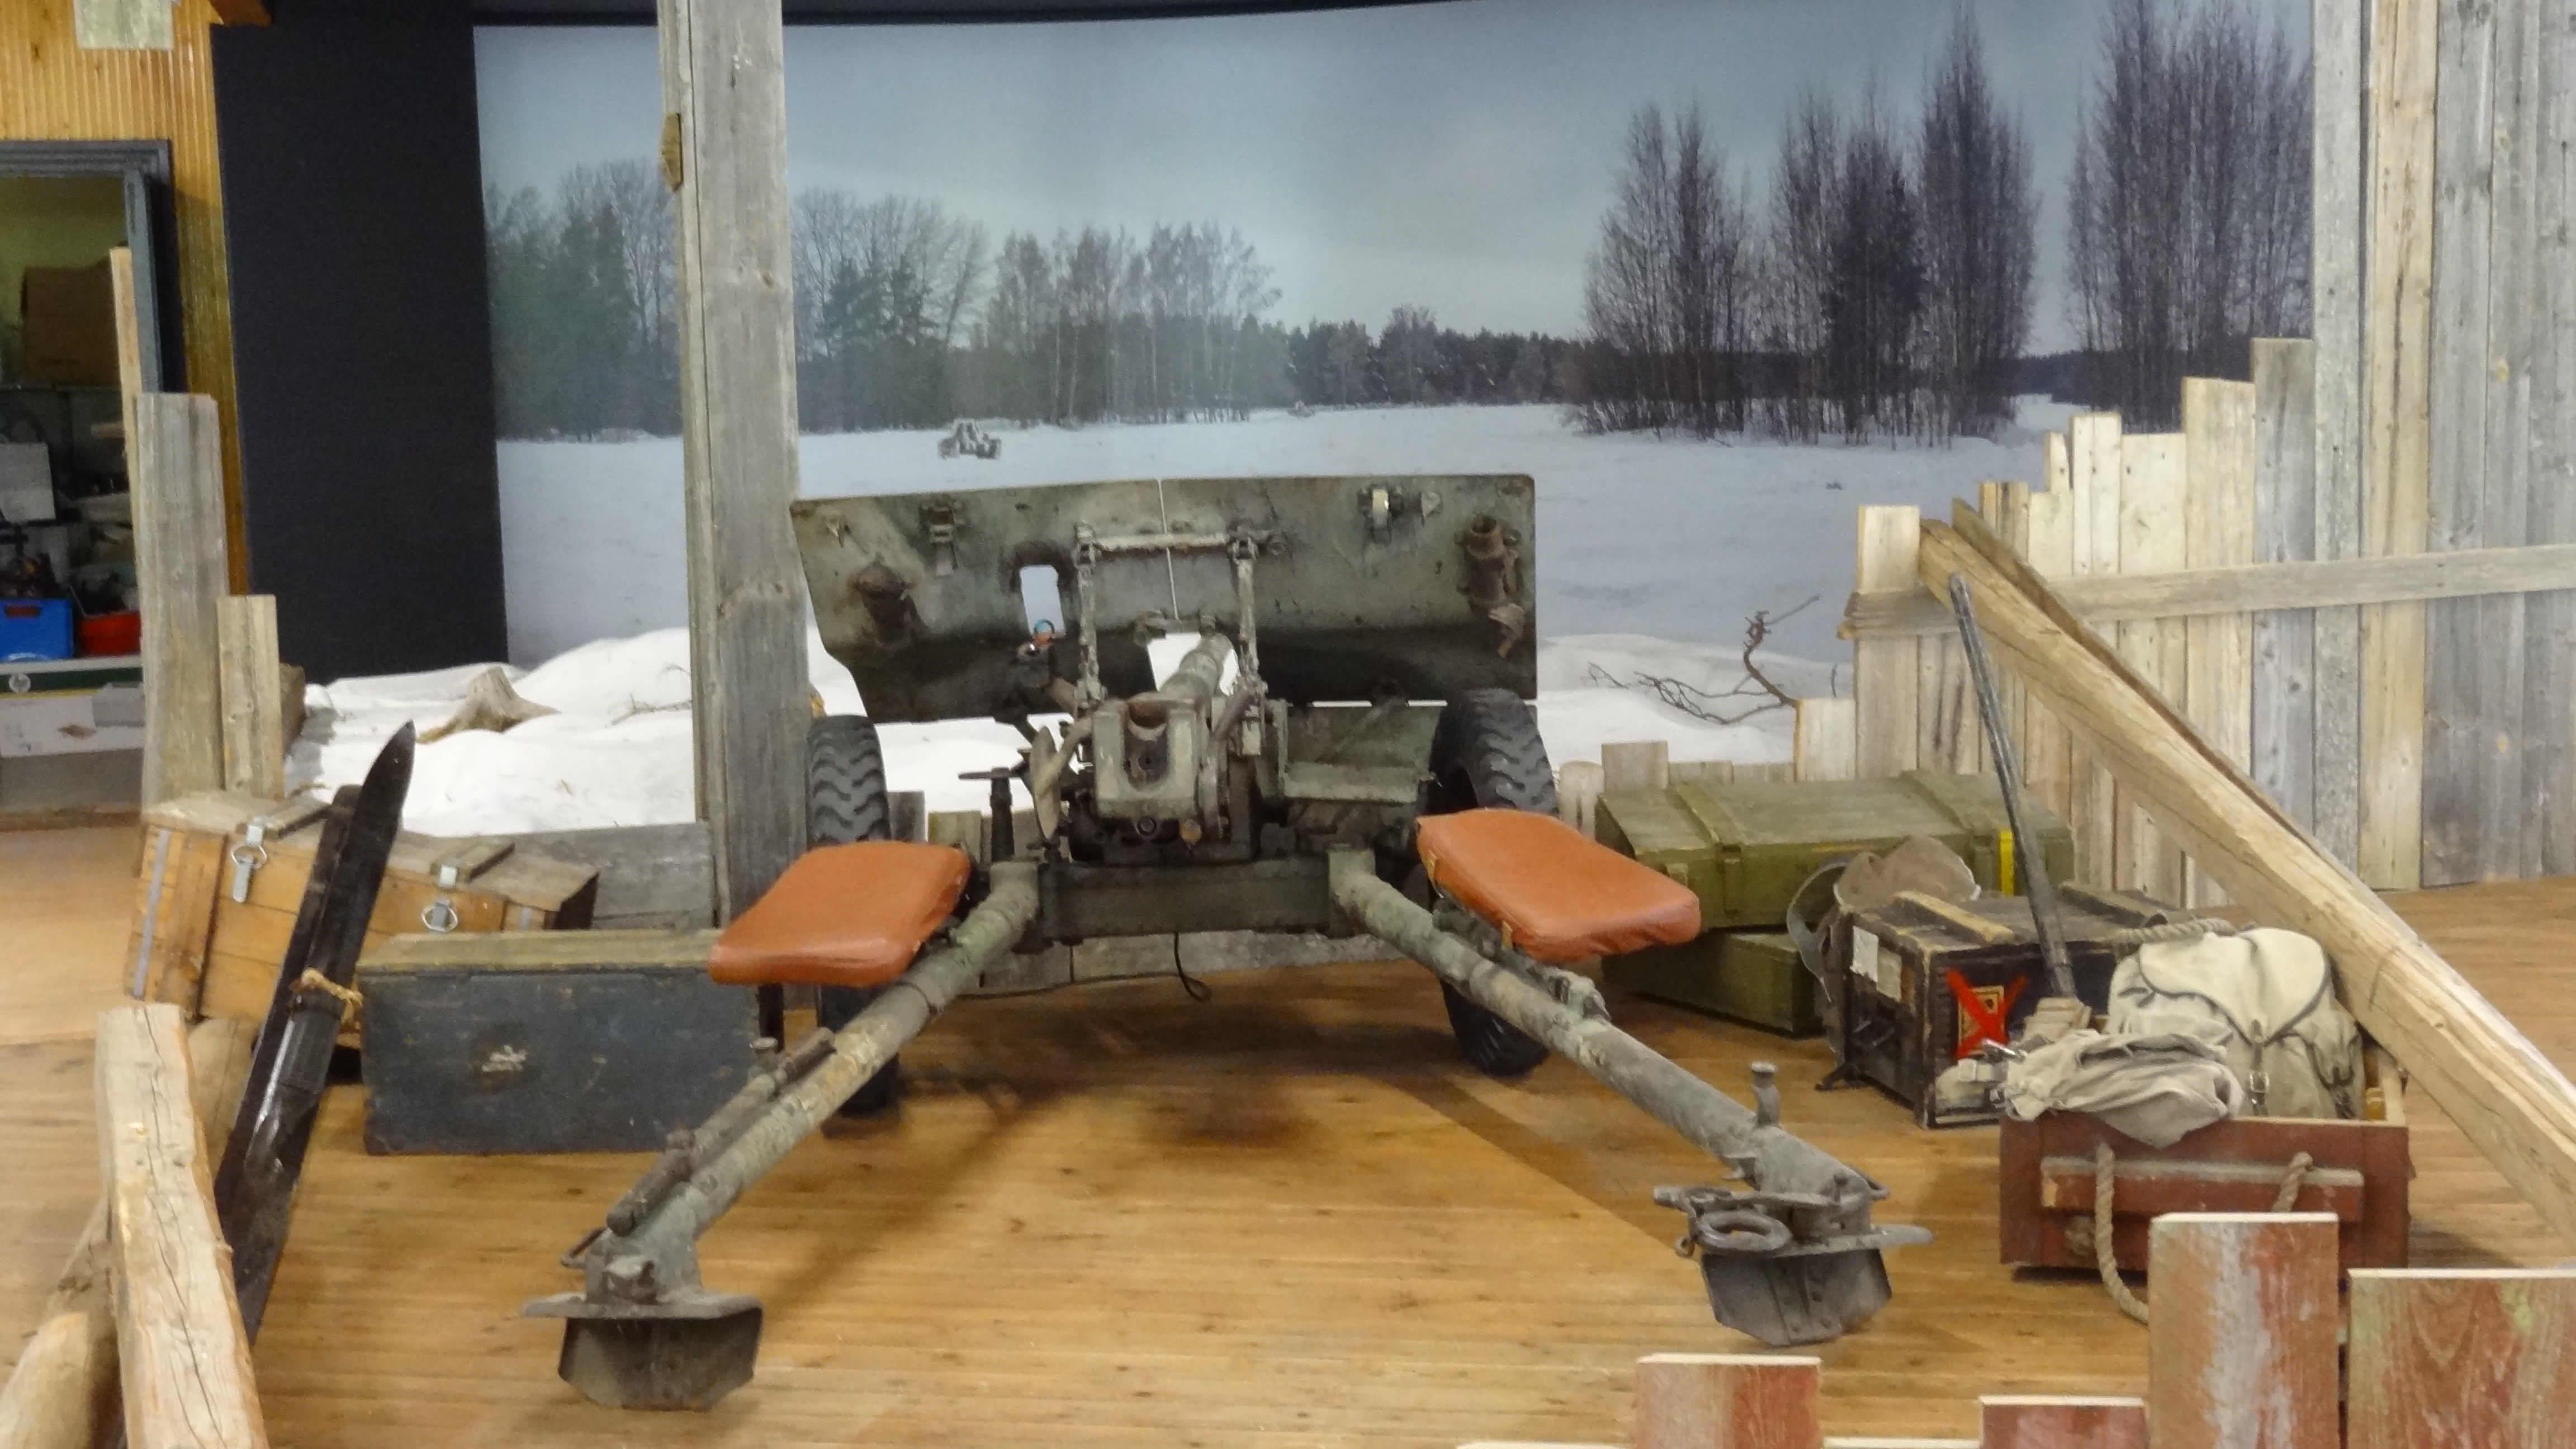 Vanha panssarintorjuntatykki tähtää talvista maisemakuvaa.